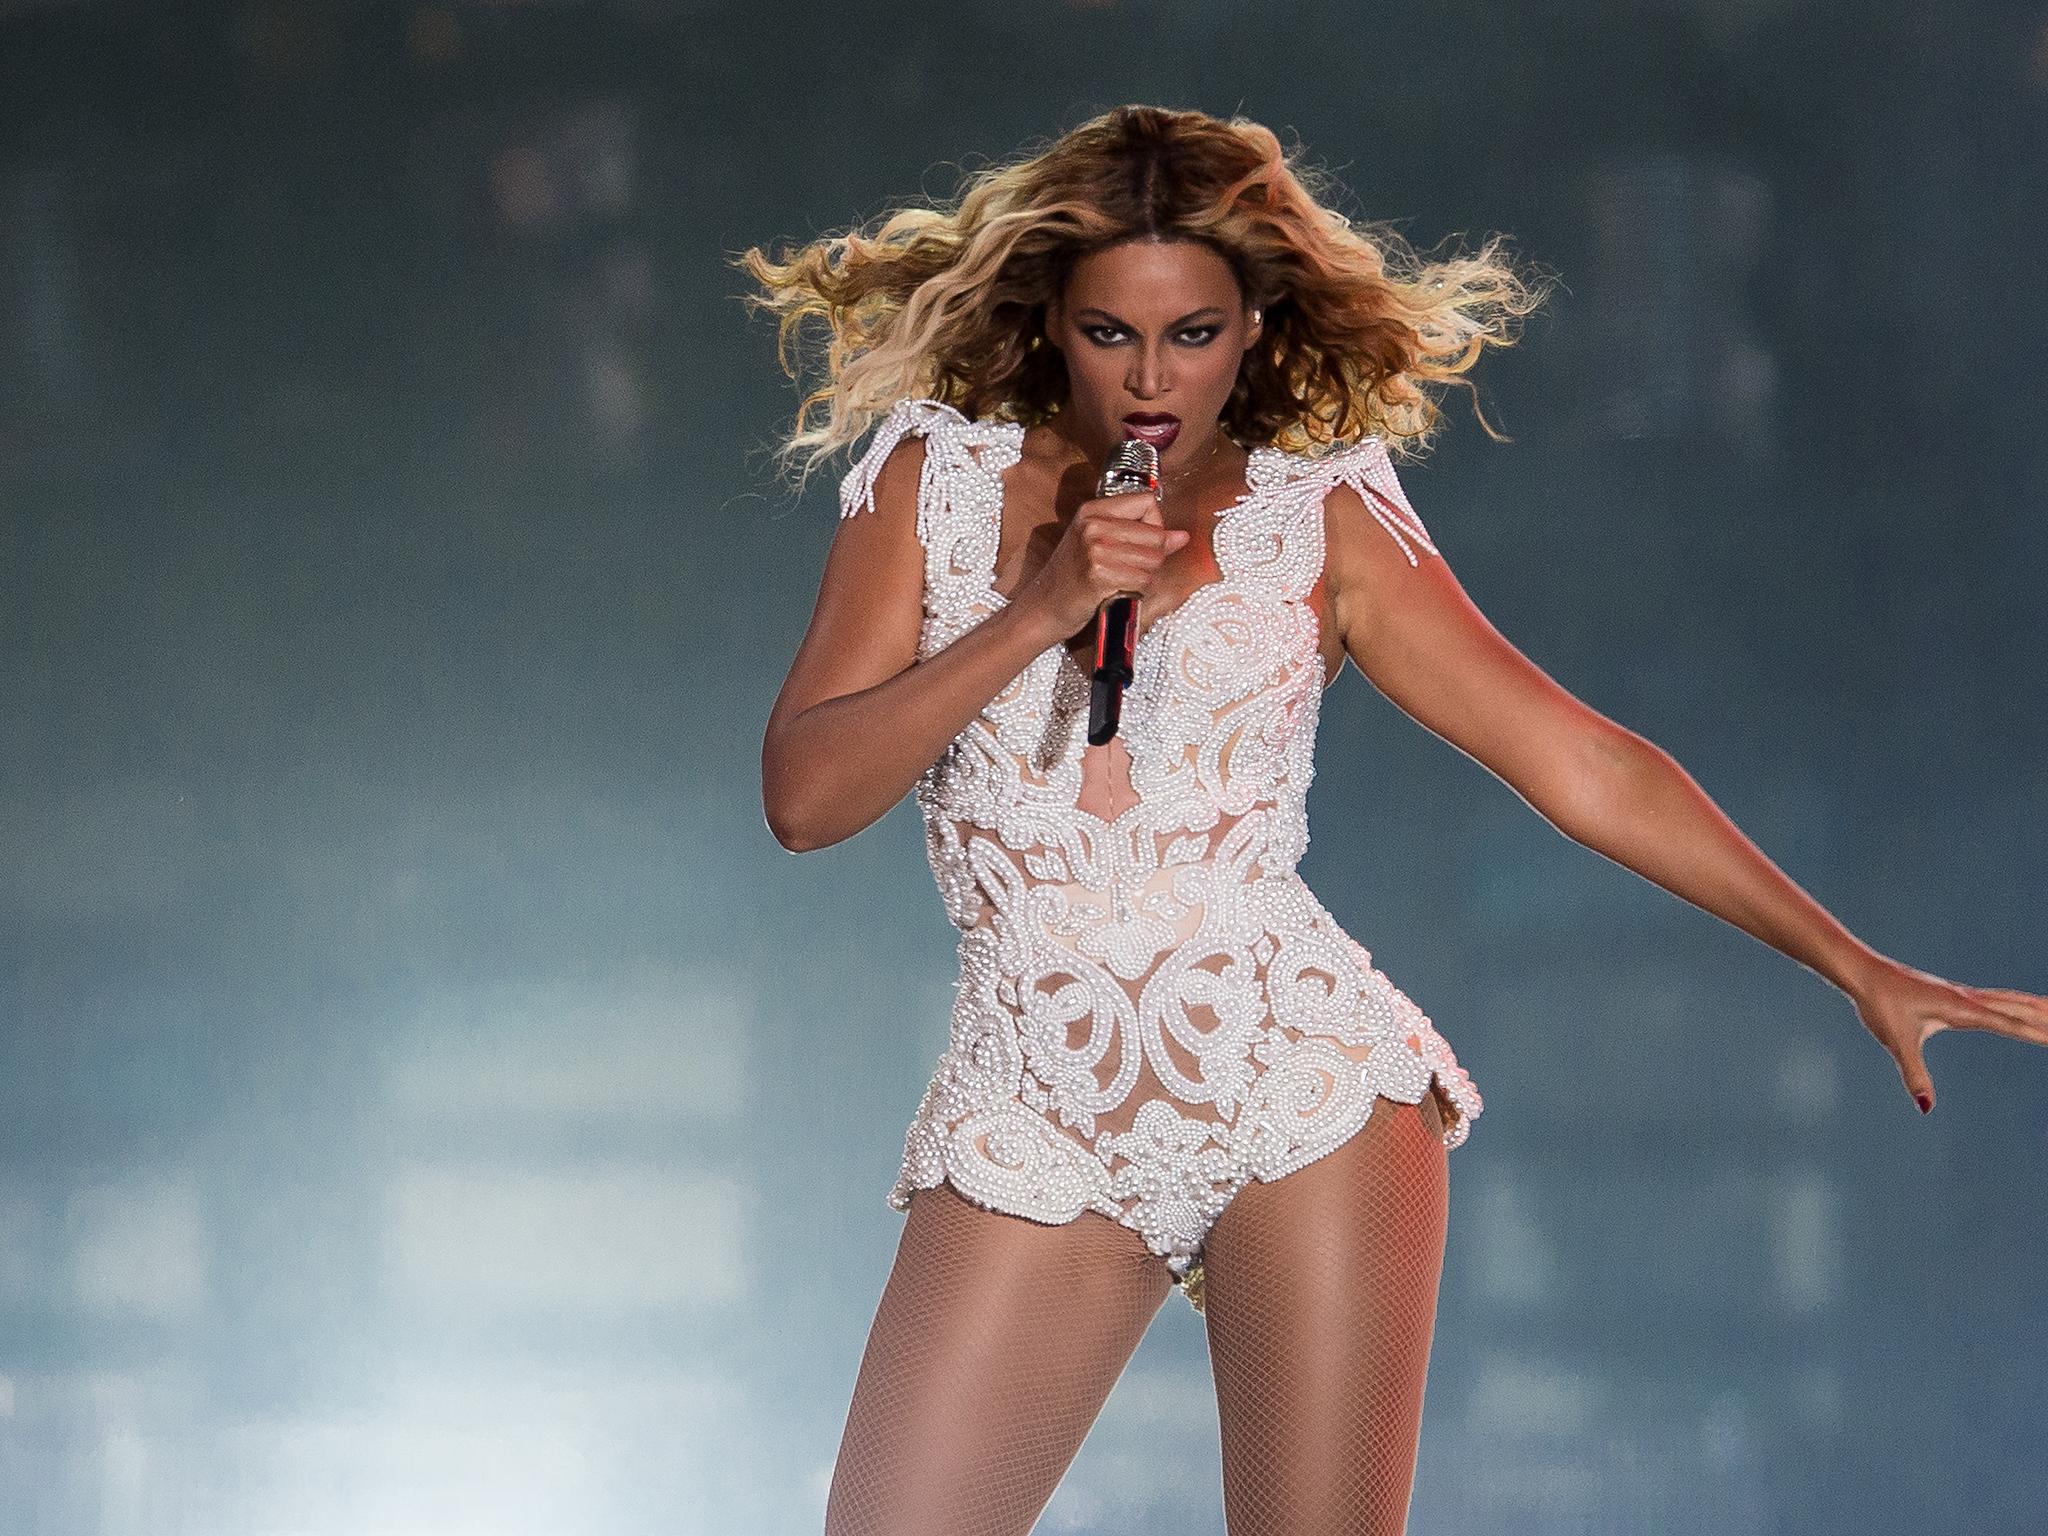 On Beyonce: